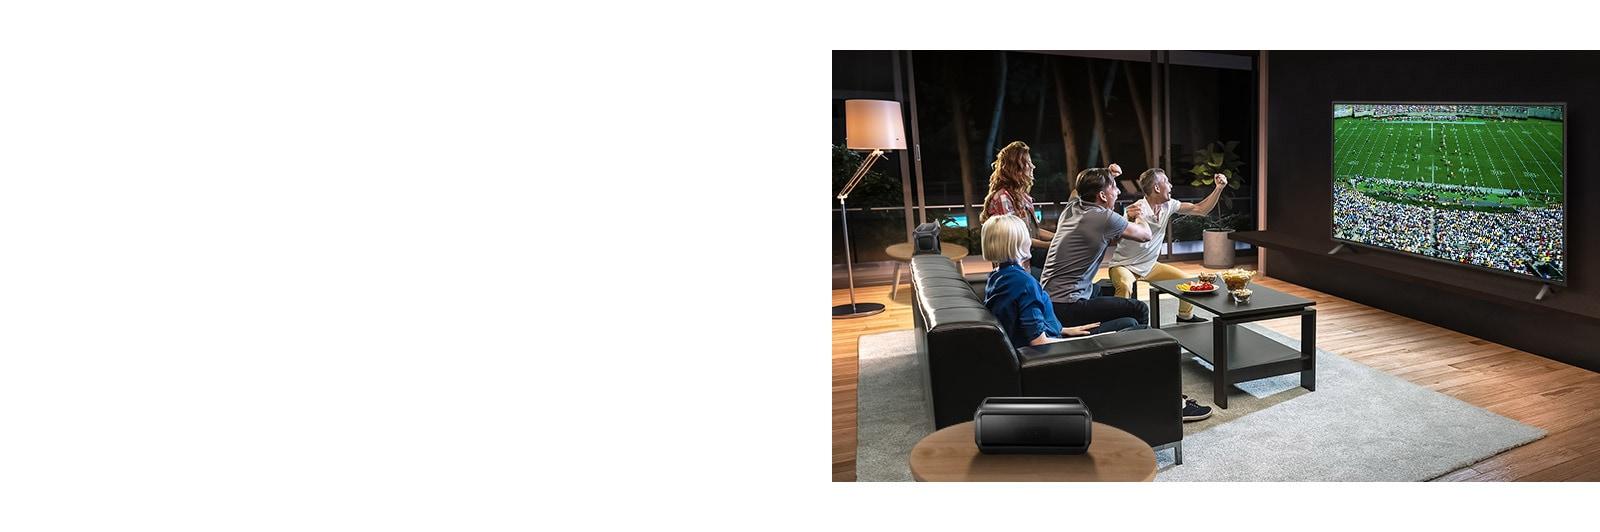 TV-n sportközvetítést néző emberek a nappaliban hátsó Bluetooth hangszórókkal.